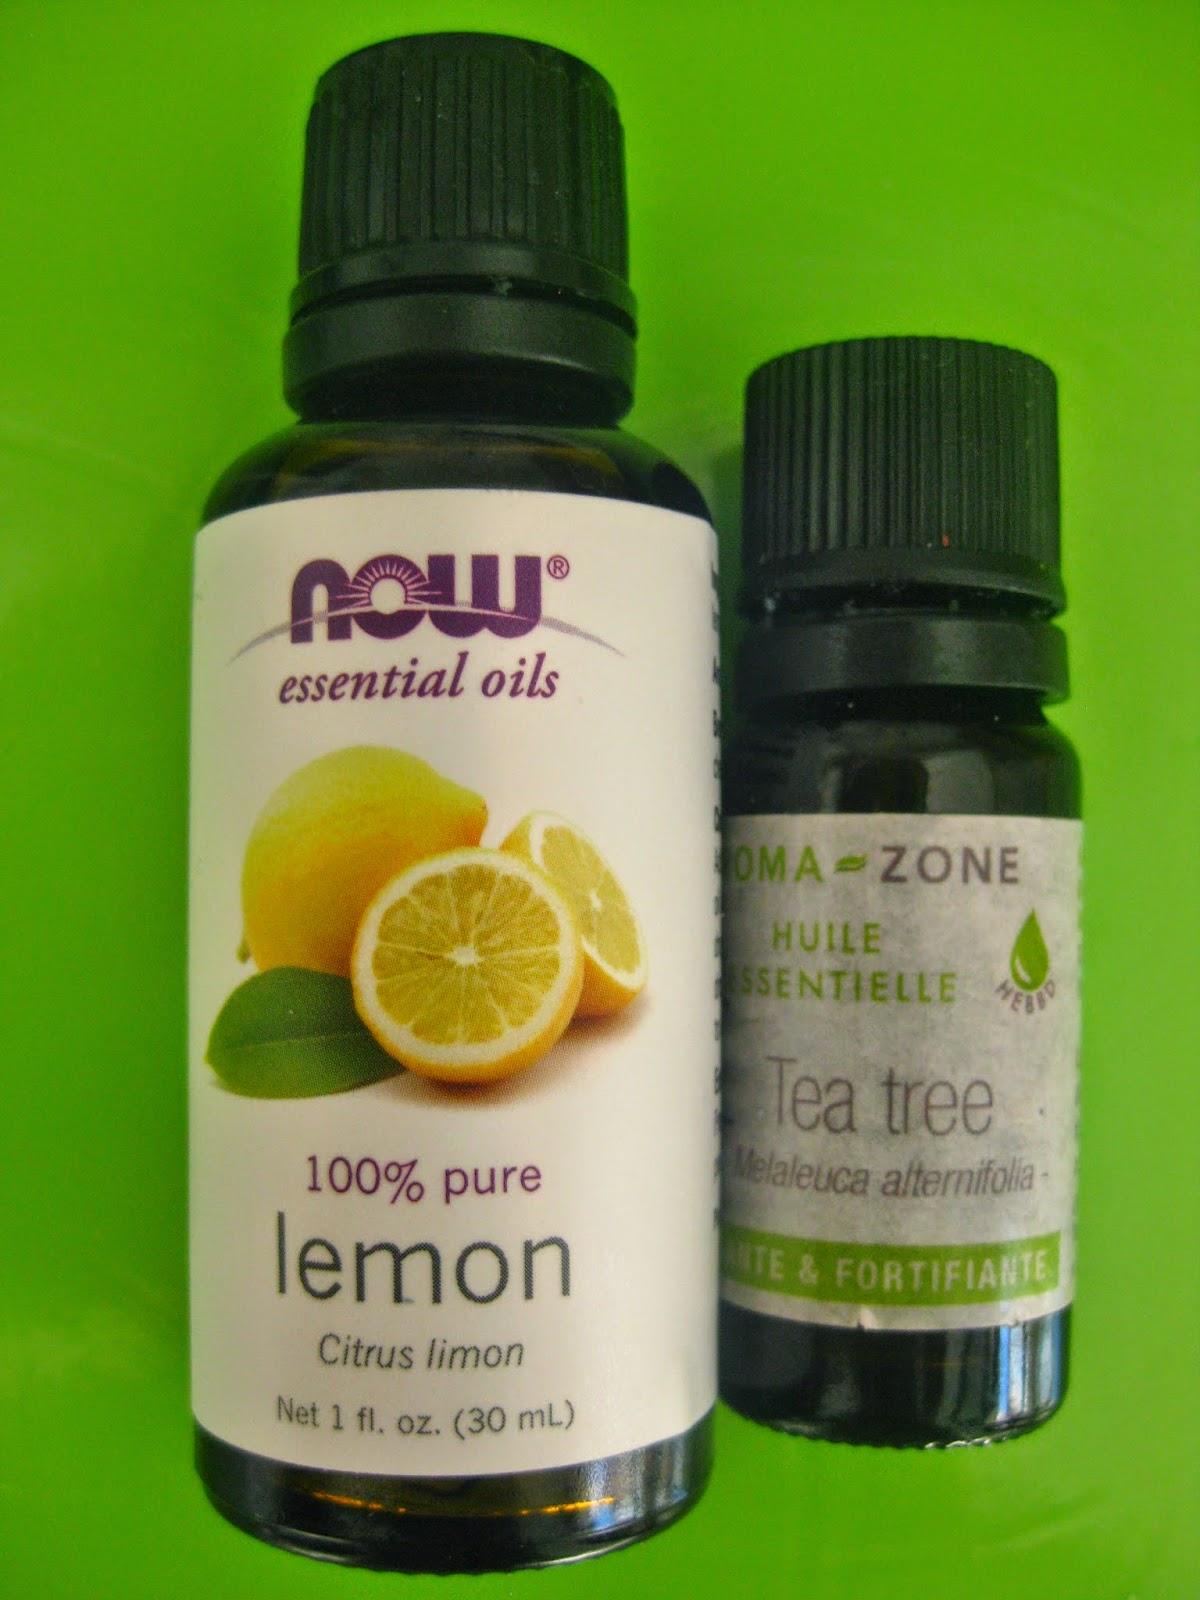 aceite-esecial-tea-tree-desodorante